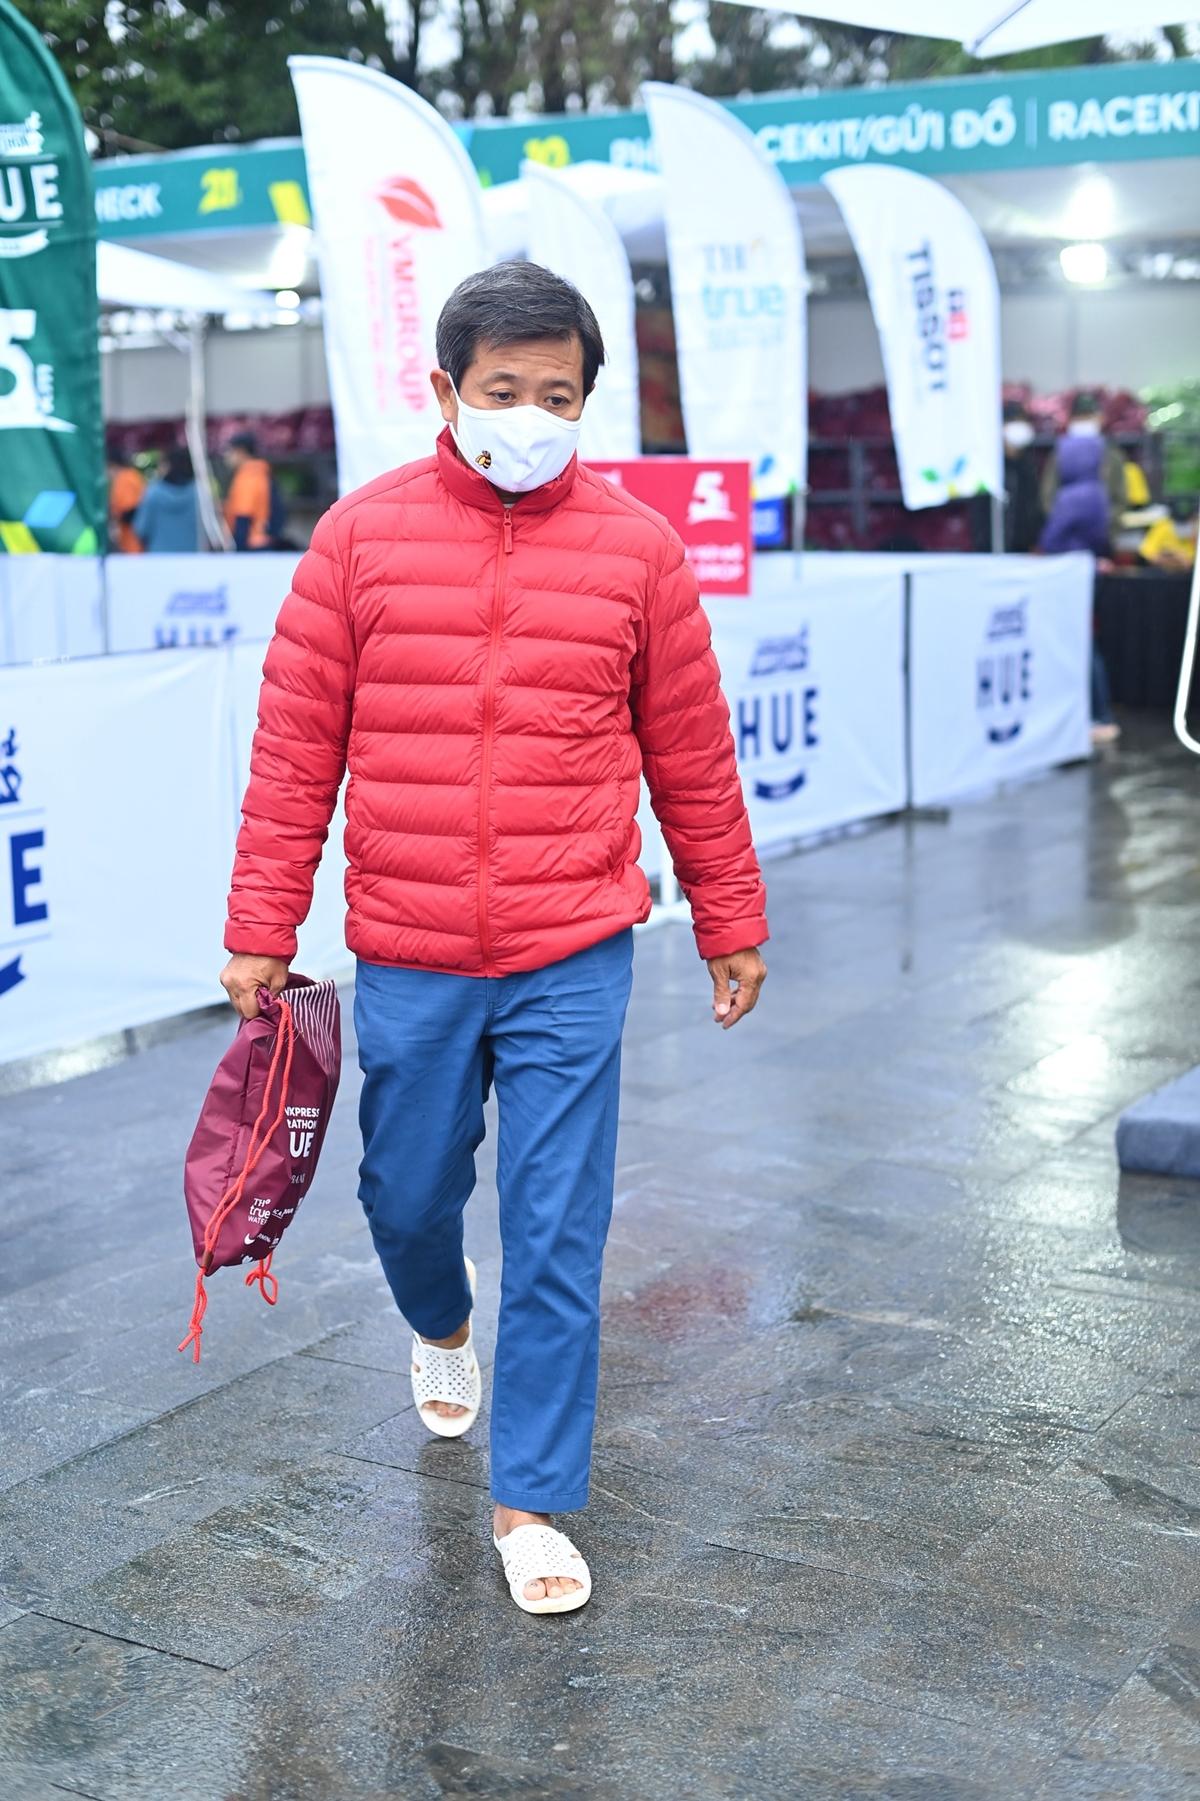 Mr. Doan Ngoc Hai continues to run 42 km at Hue VnExpress Marathon